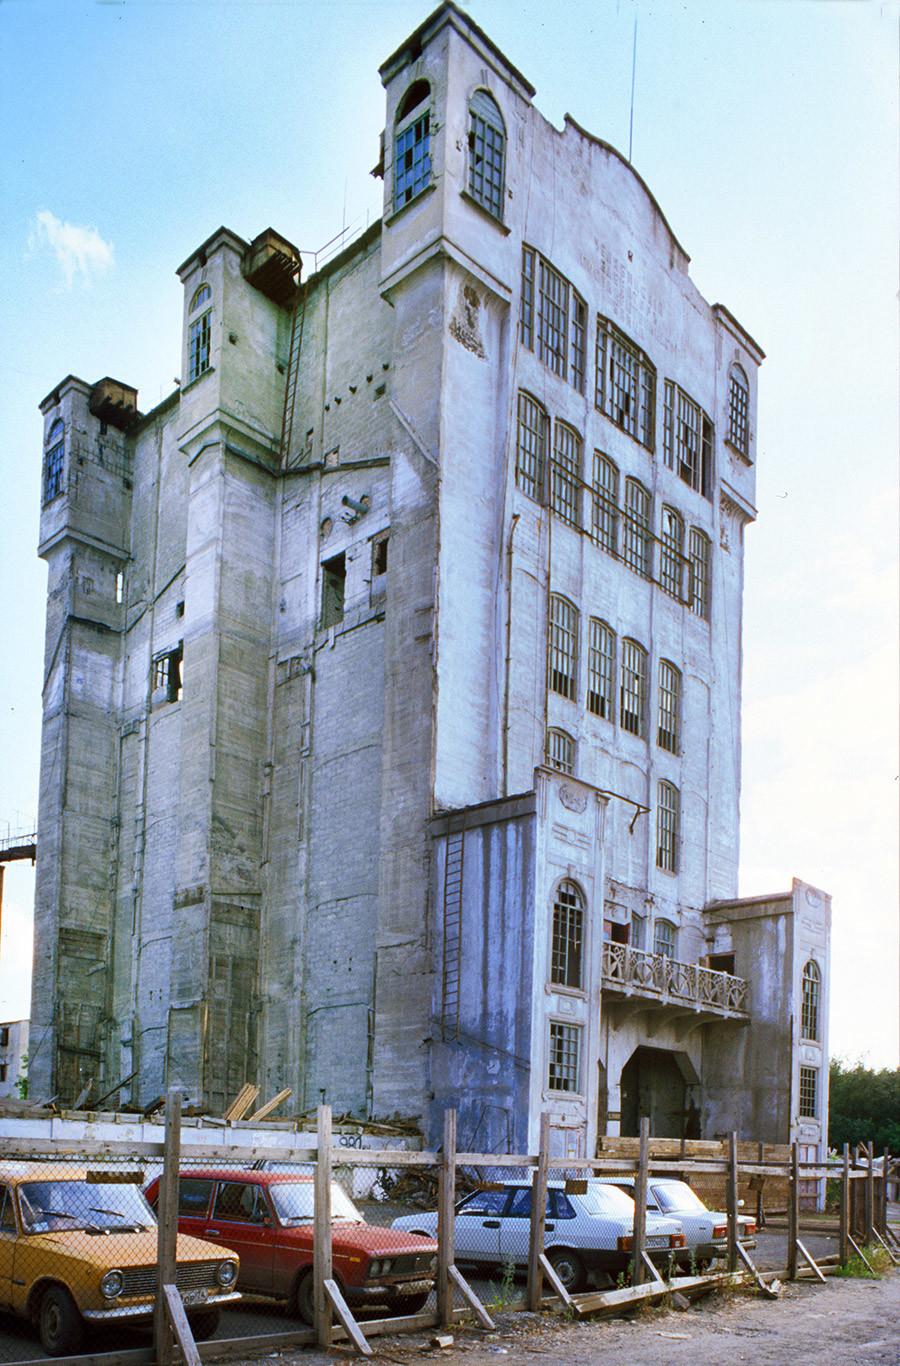 Državna shramba za žito. Zgrajena leta 1914-16 z napredno tehnologijo armiranega betona kot del nacionalnega programa za skladišča žita. Uporabljena do devetdesetih let, nato delno porušena. 12. julij 2003.